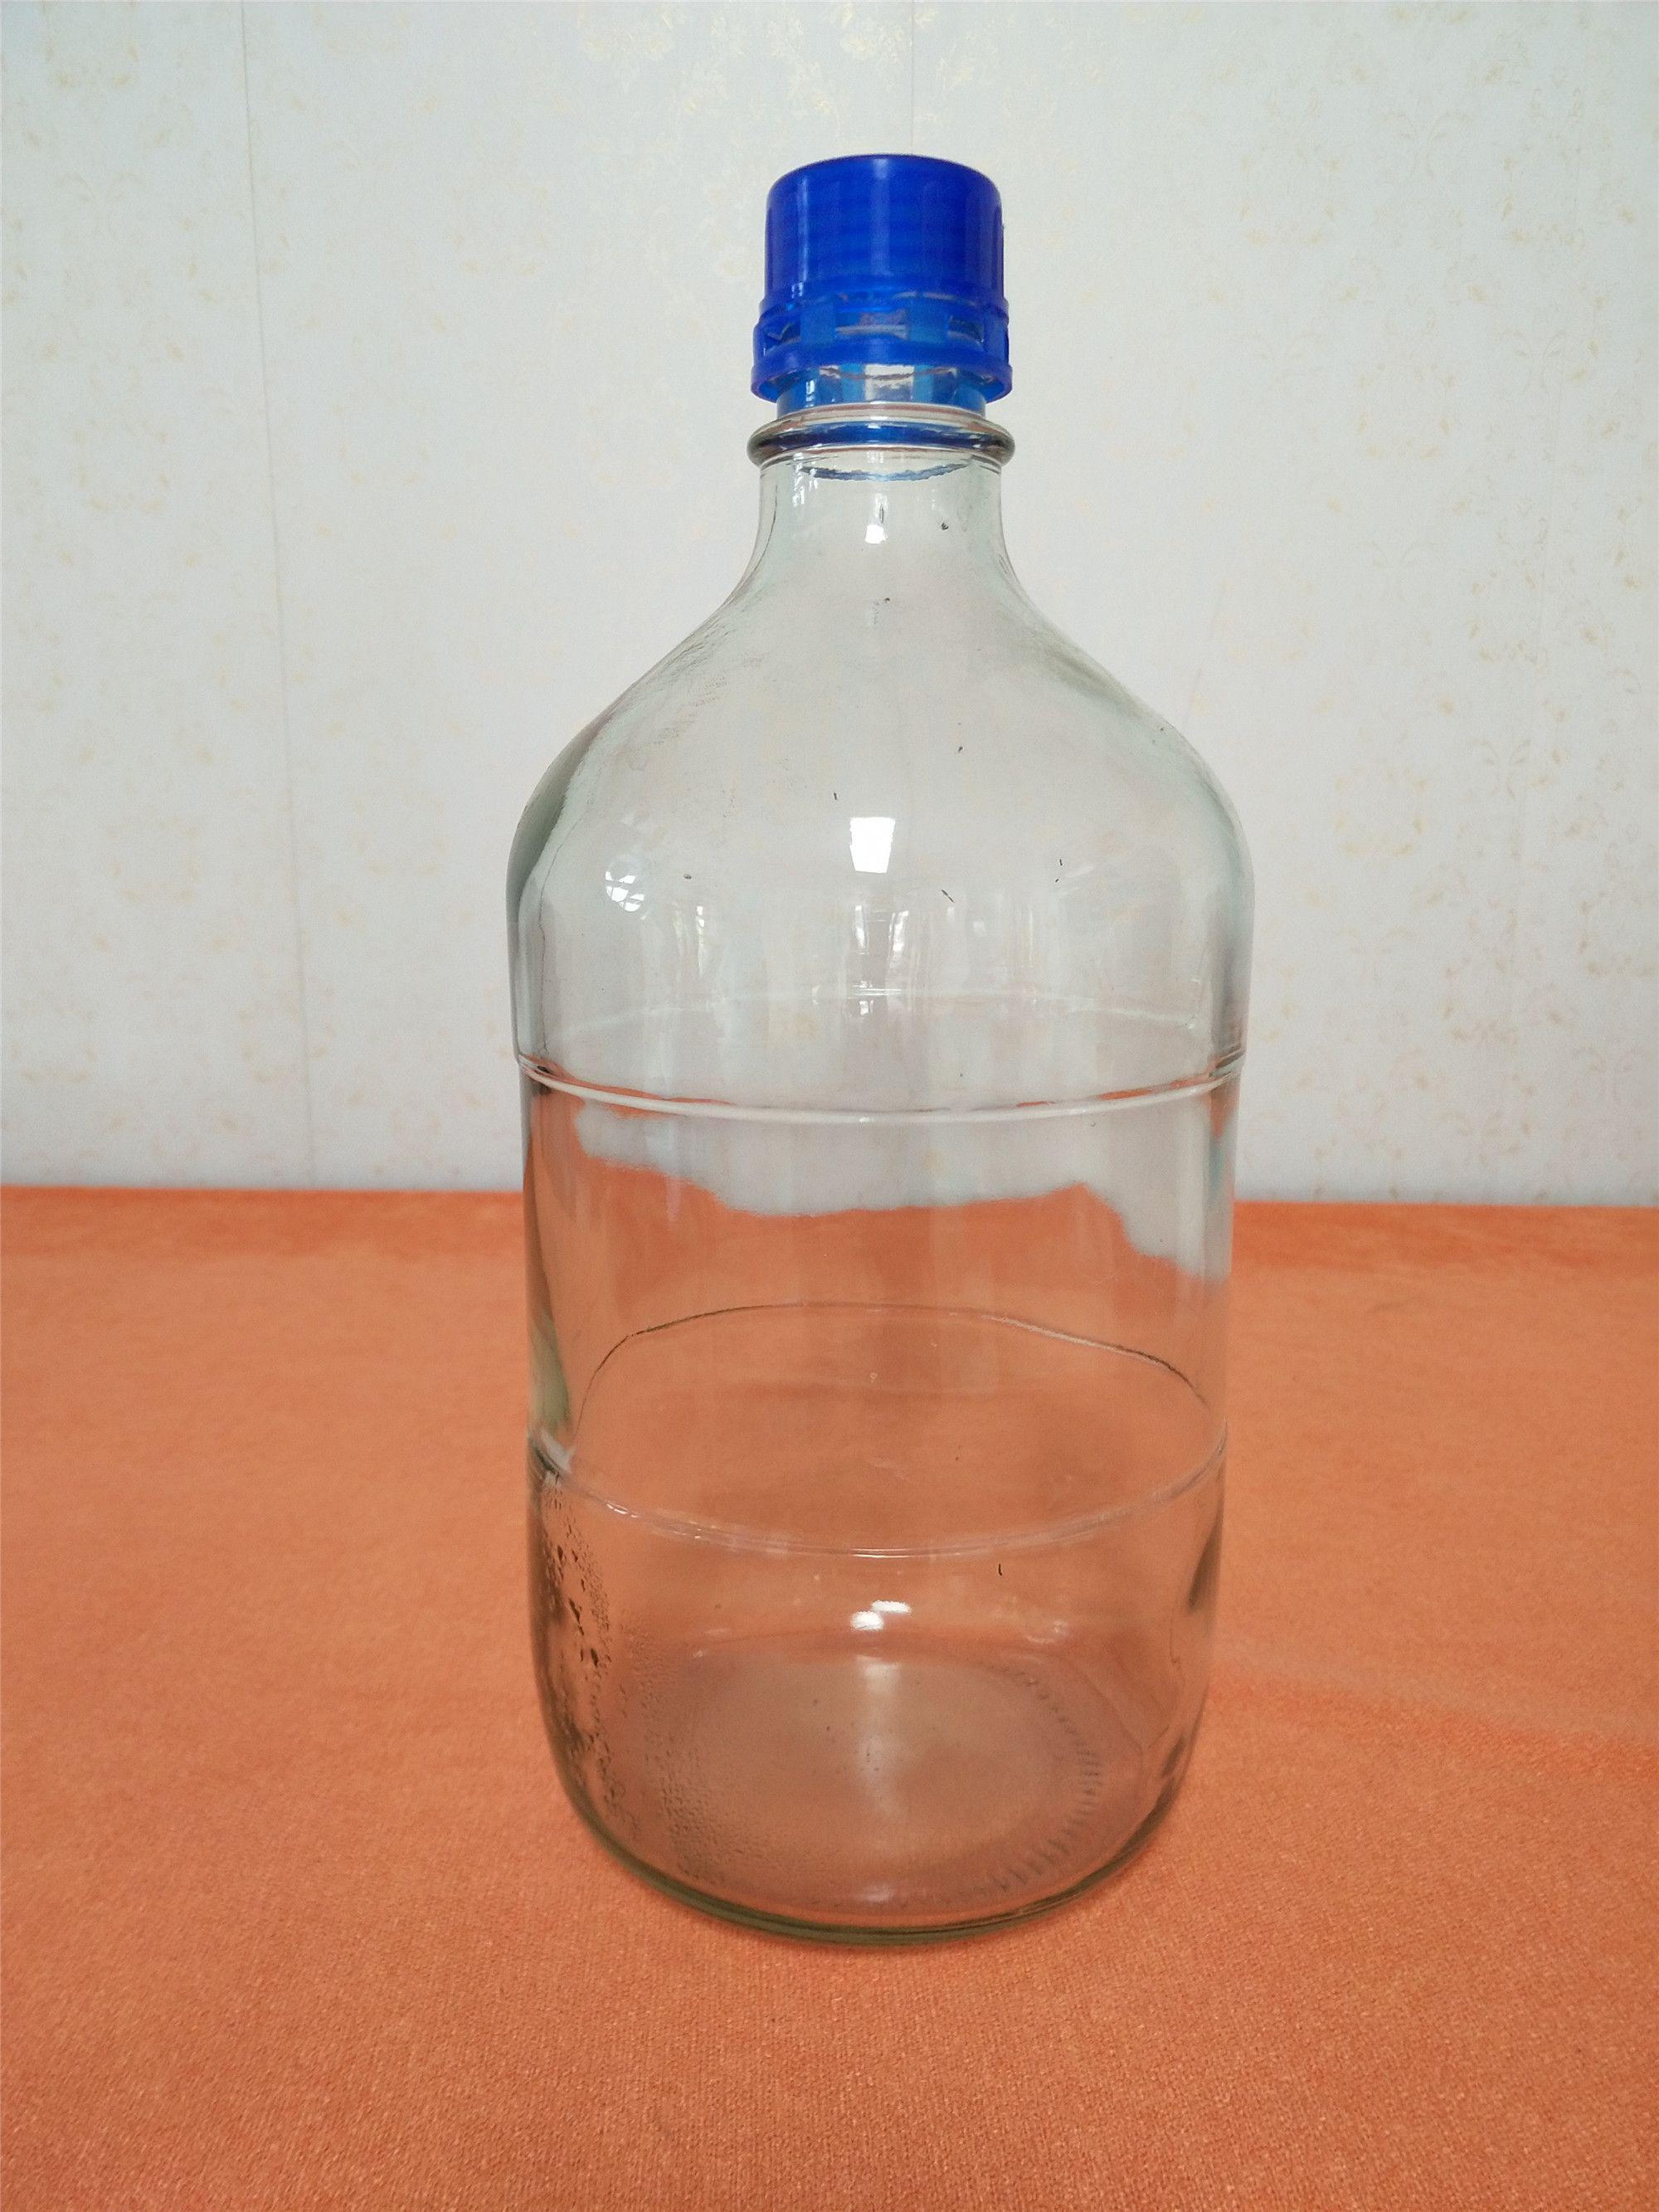 试剂瓶厂家 化学试剂瓶 无菌疫苗瓶